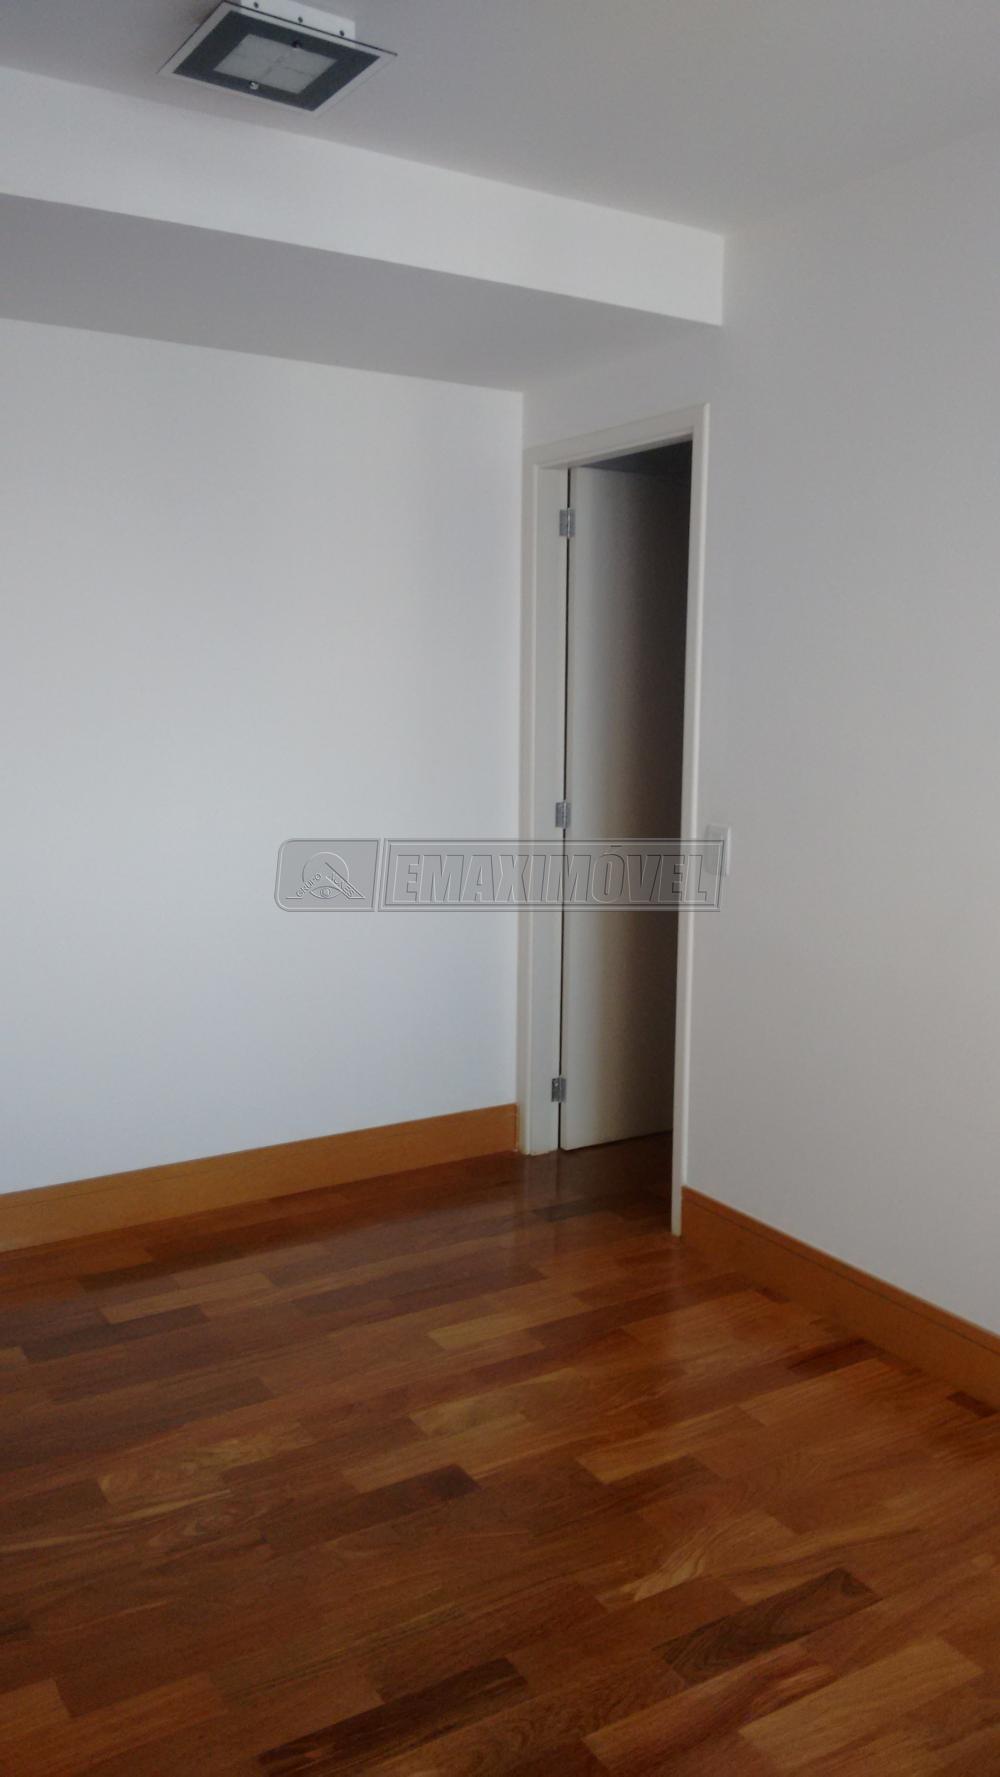 Comprar Apartamentos / Apto Padrão em Sorocaba apenas R$ 1.400.000,00 - Foto 9